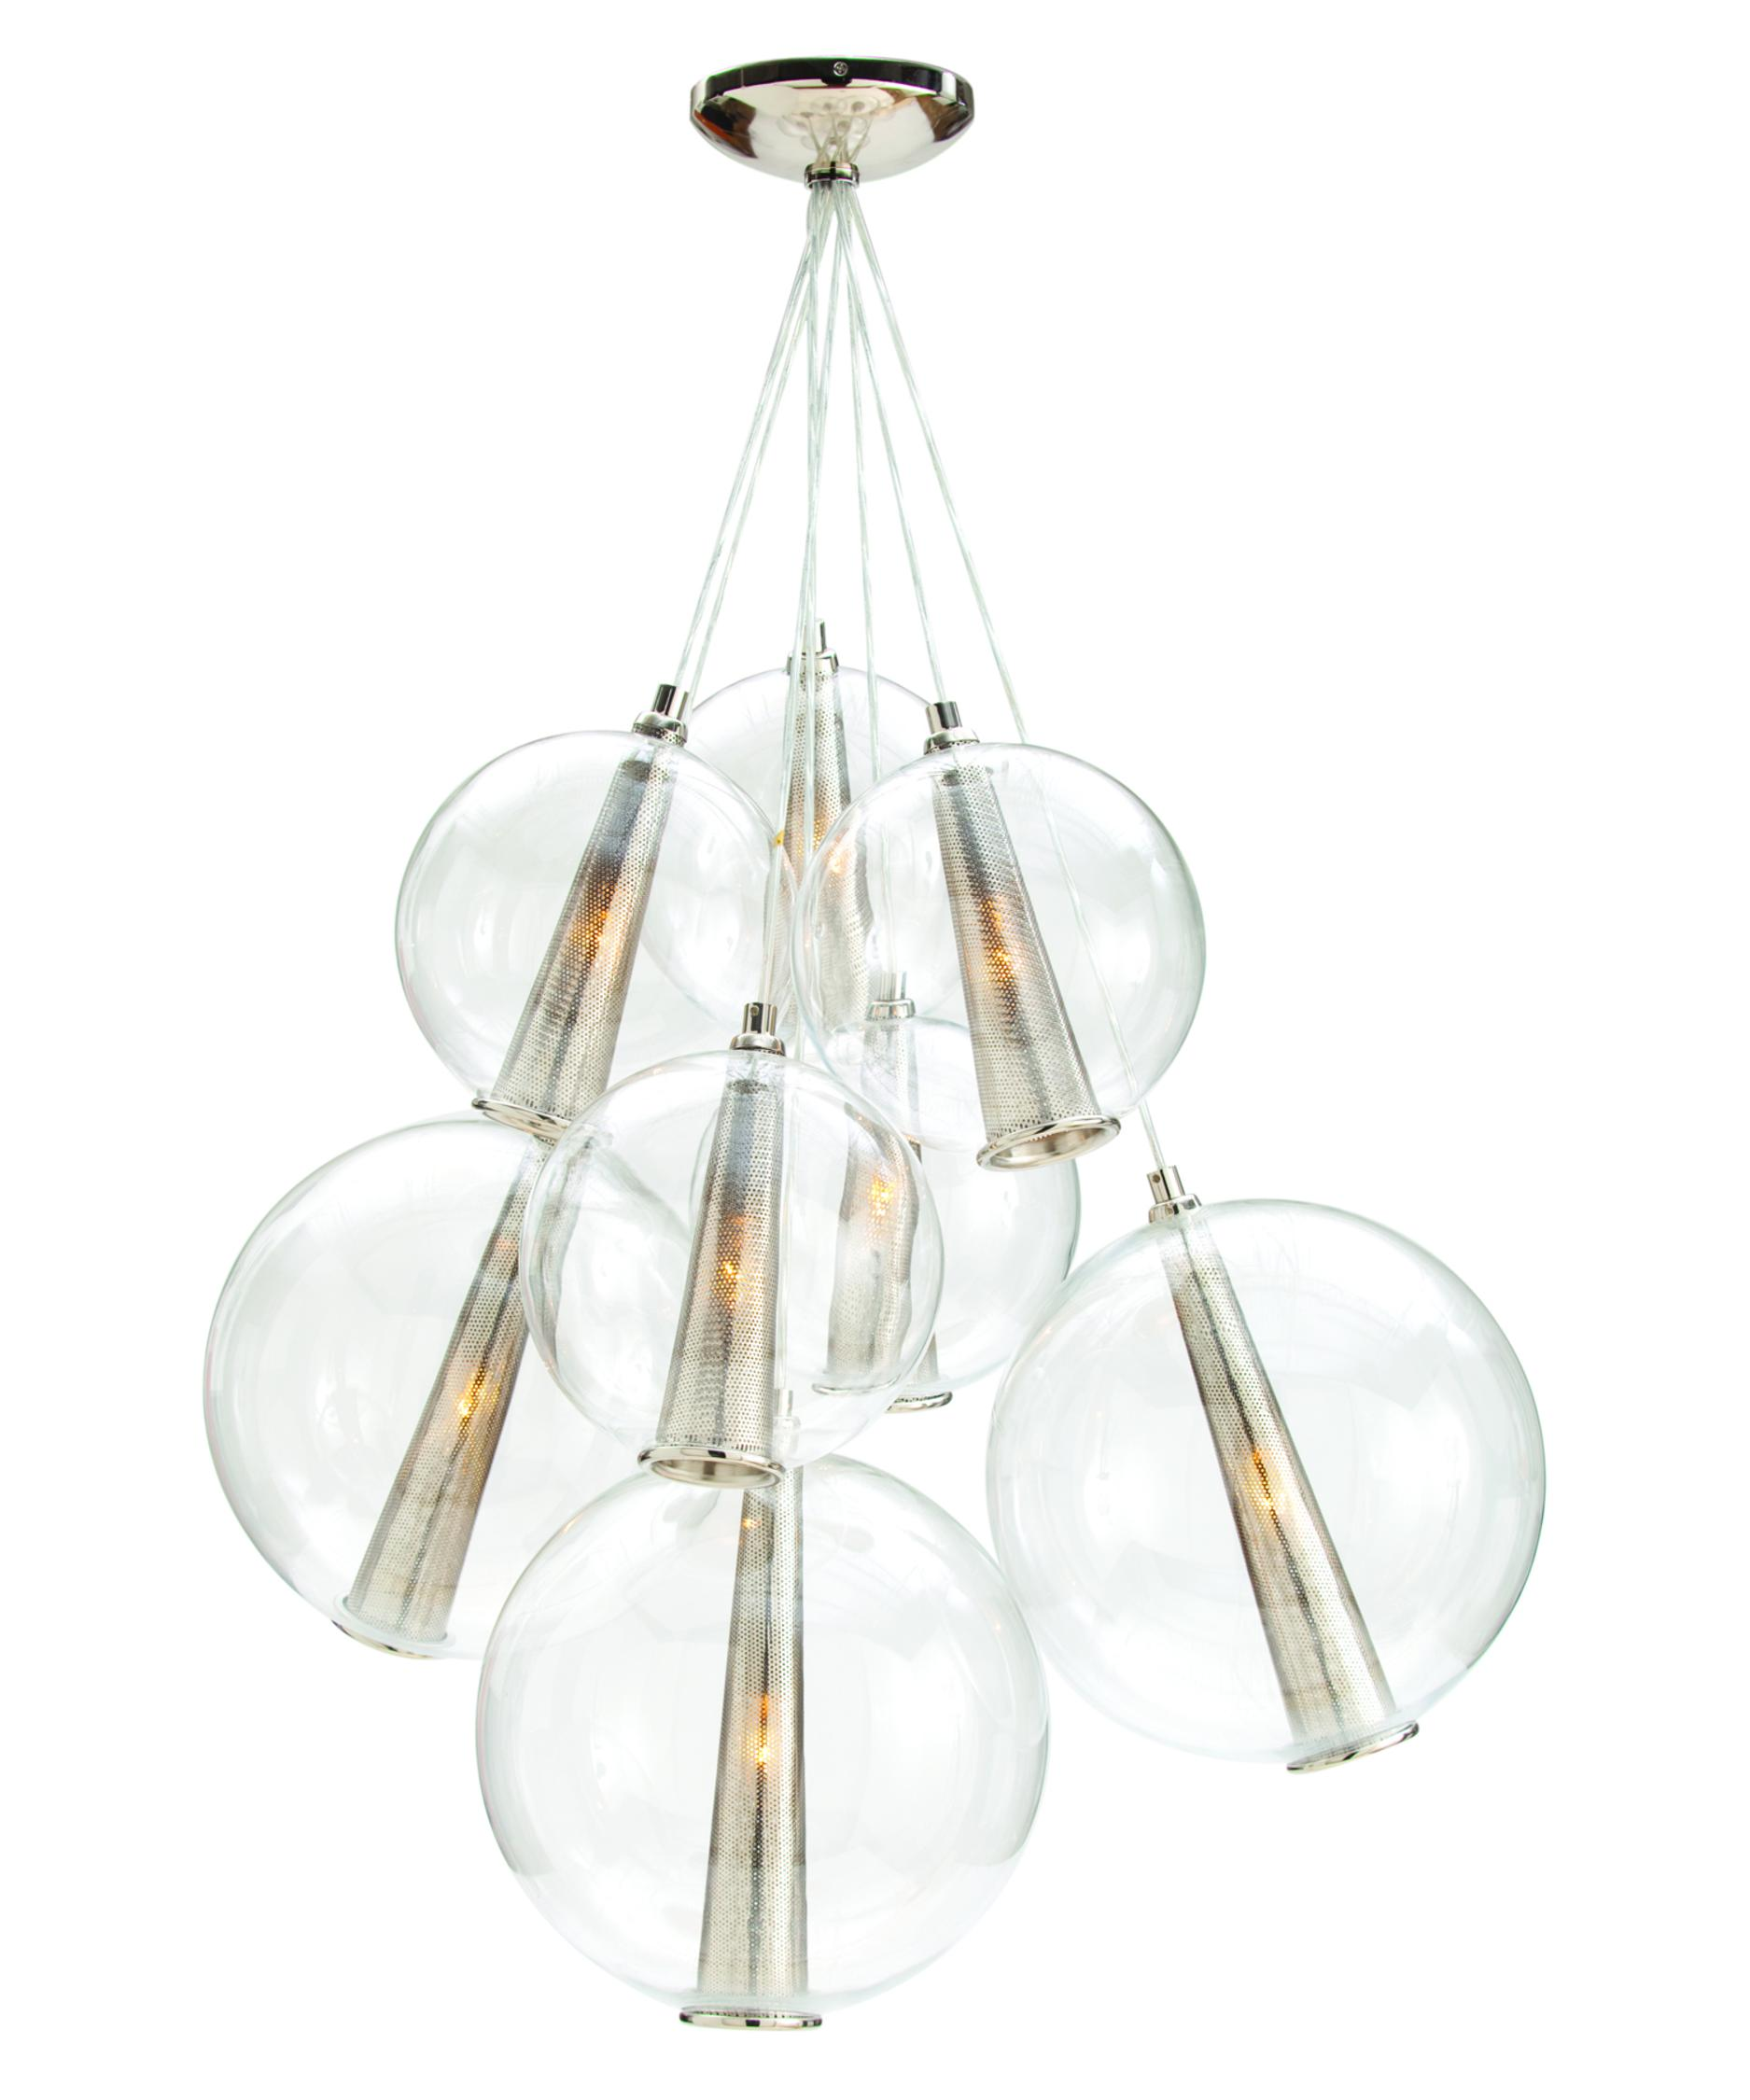 multi pendant lighting. arteriors home dk89900 caviar 29 inch wide 1 light multi pendant lighting